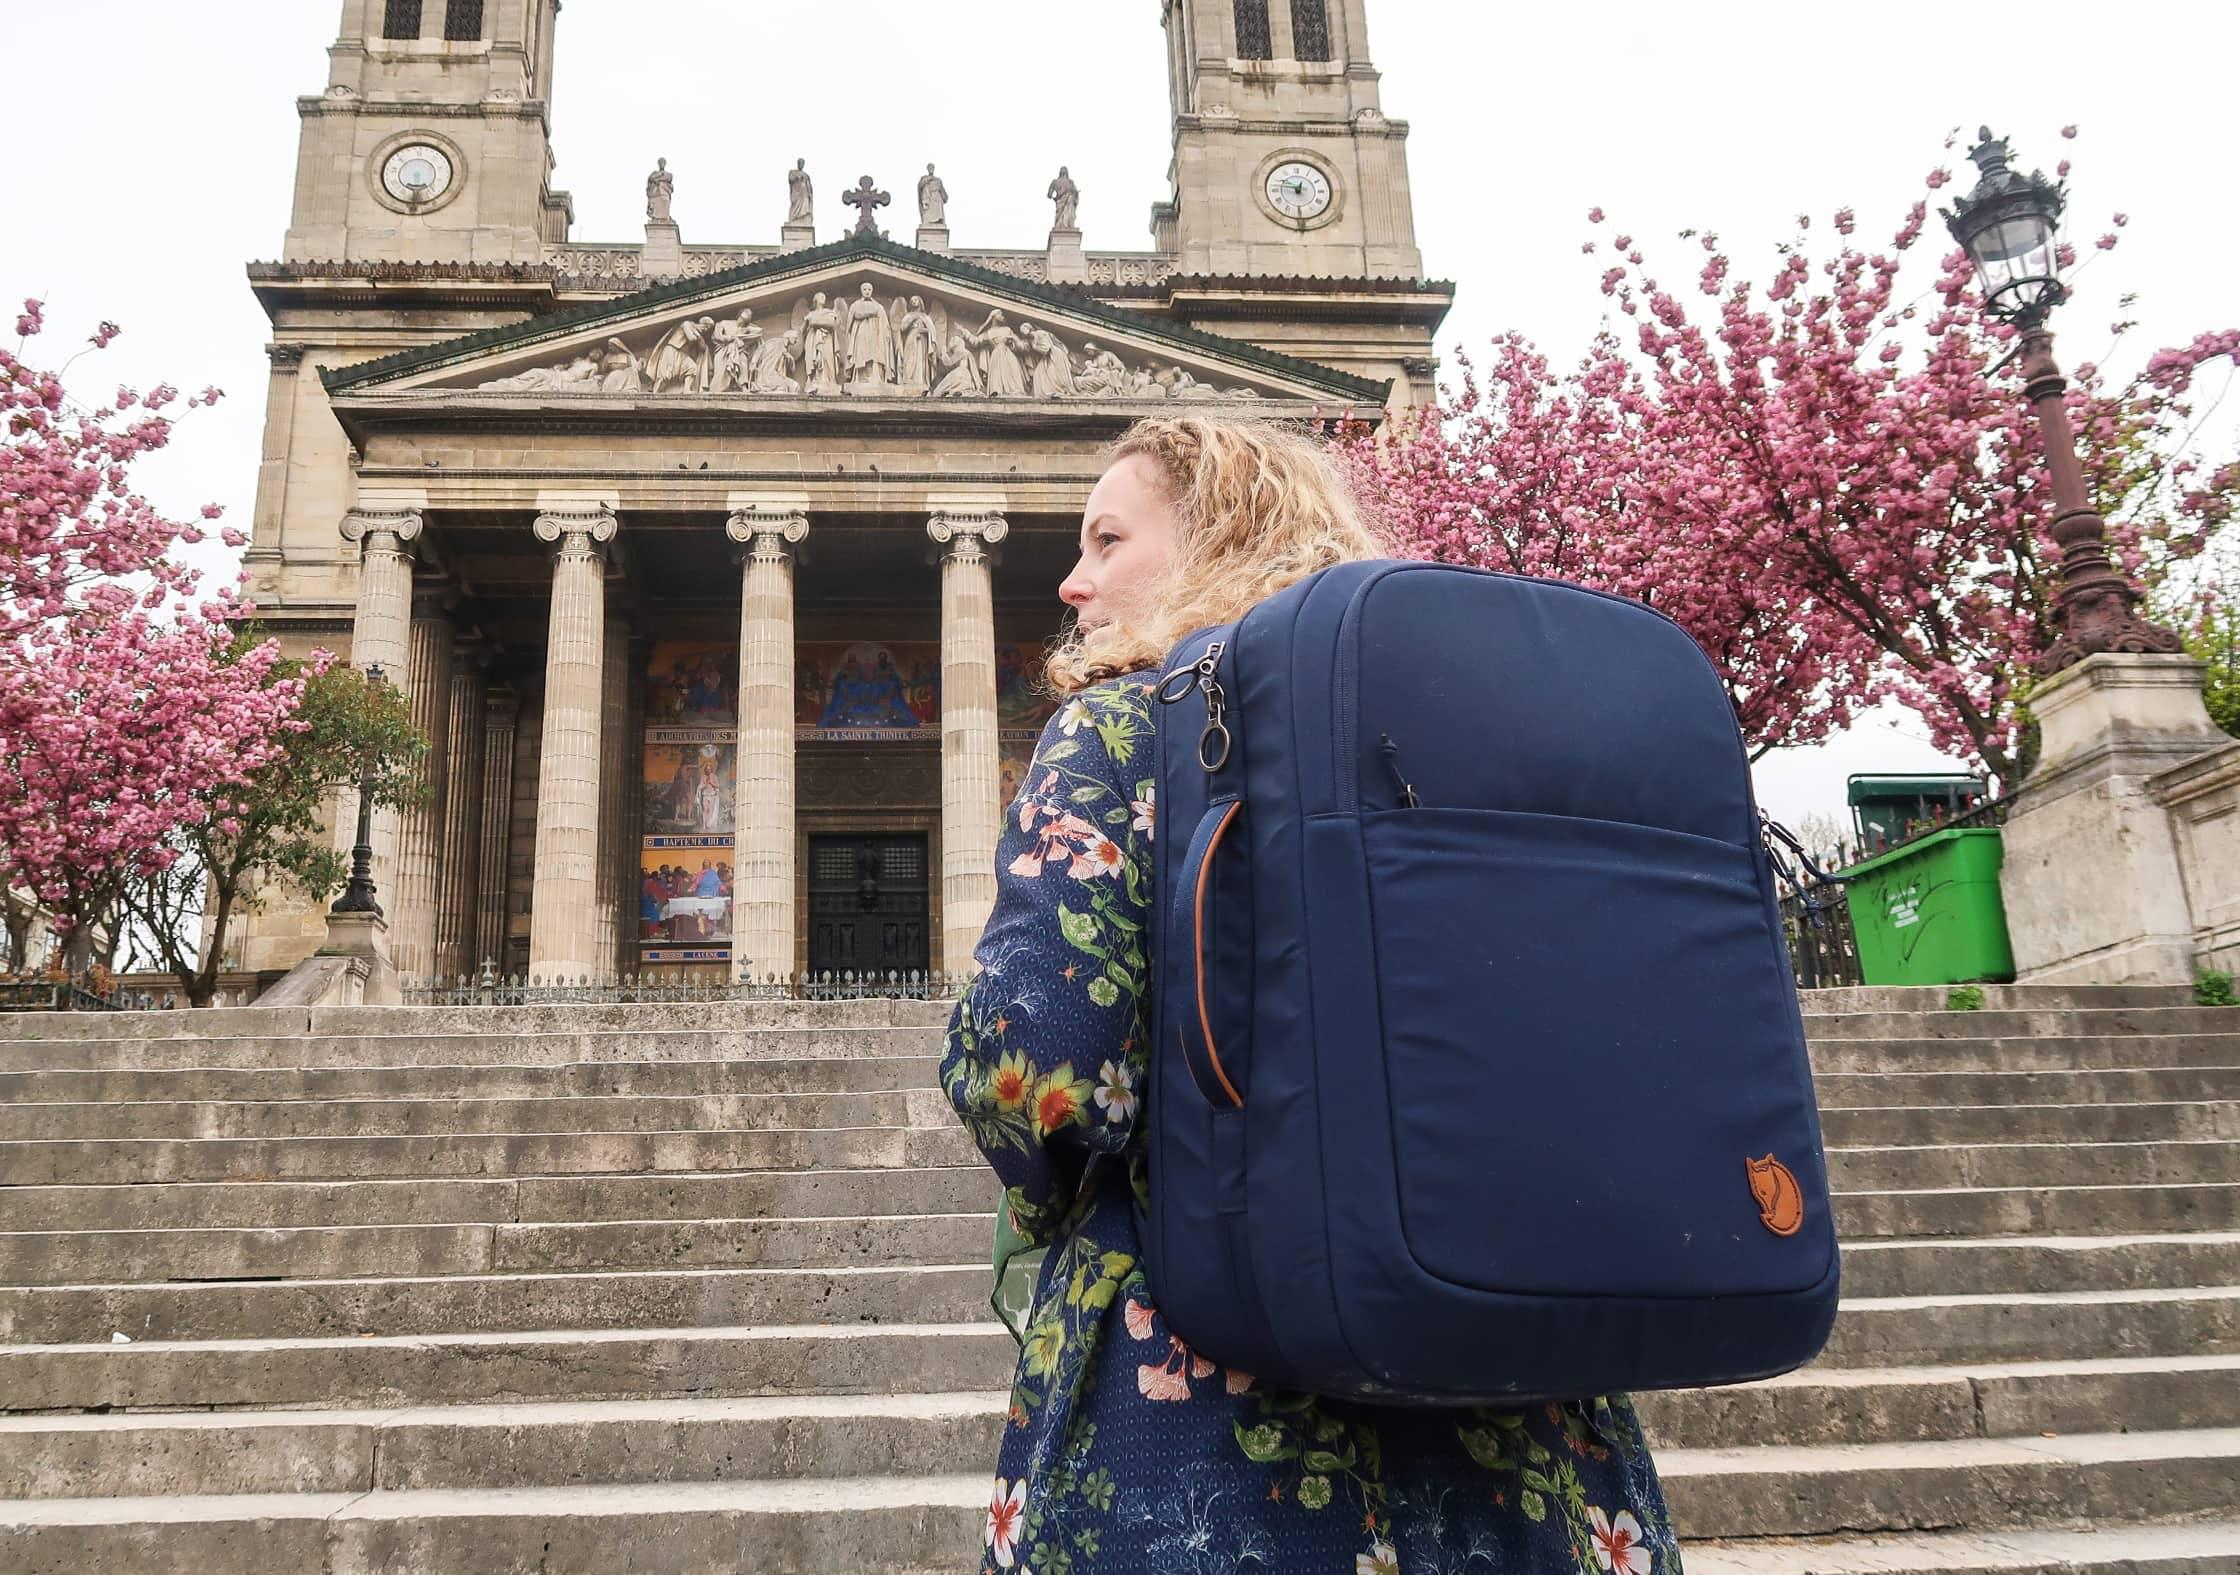 Fjallraven Travel Pack In France